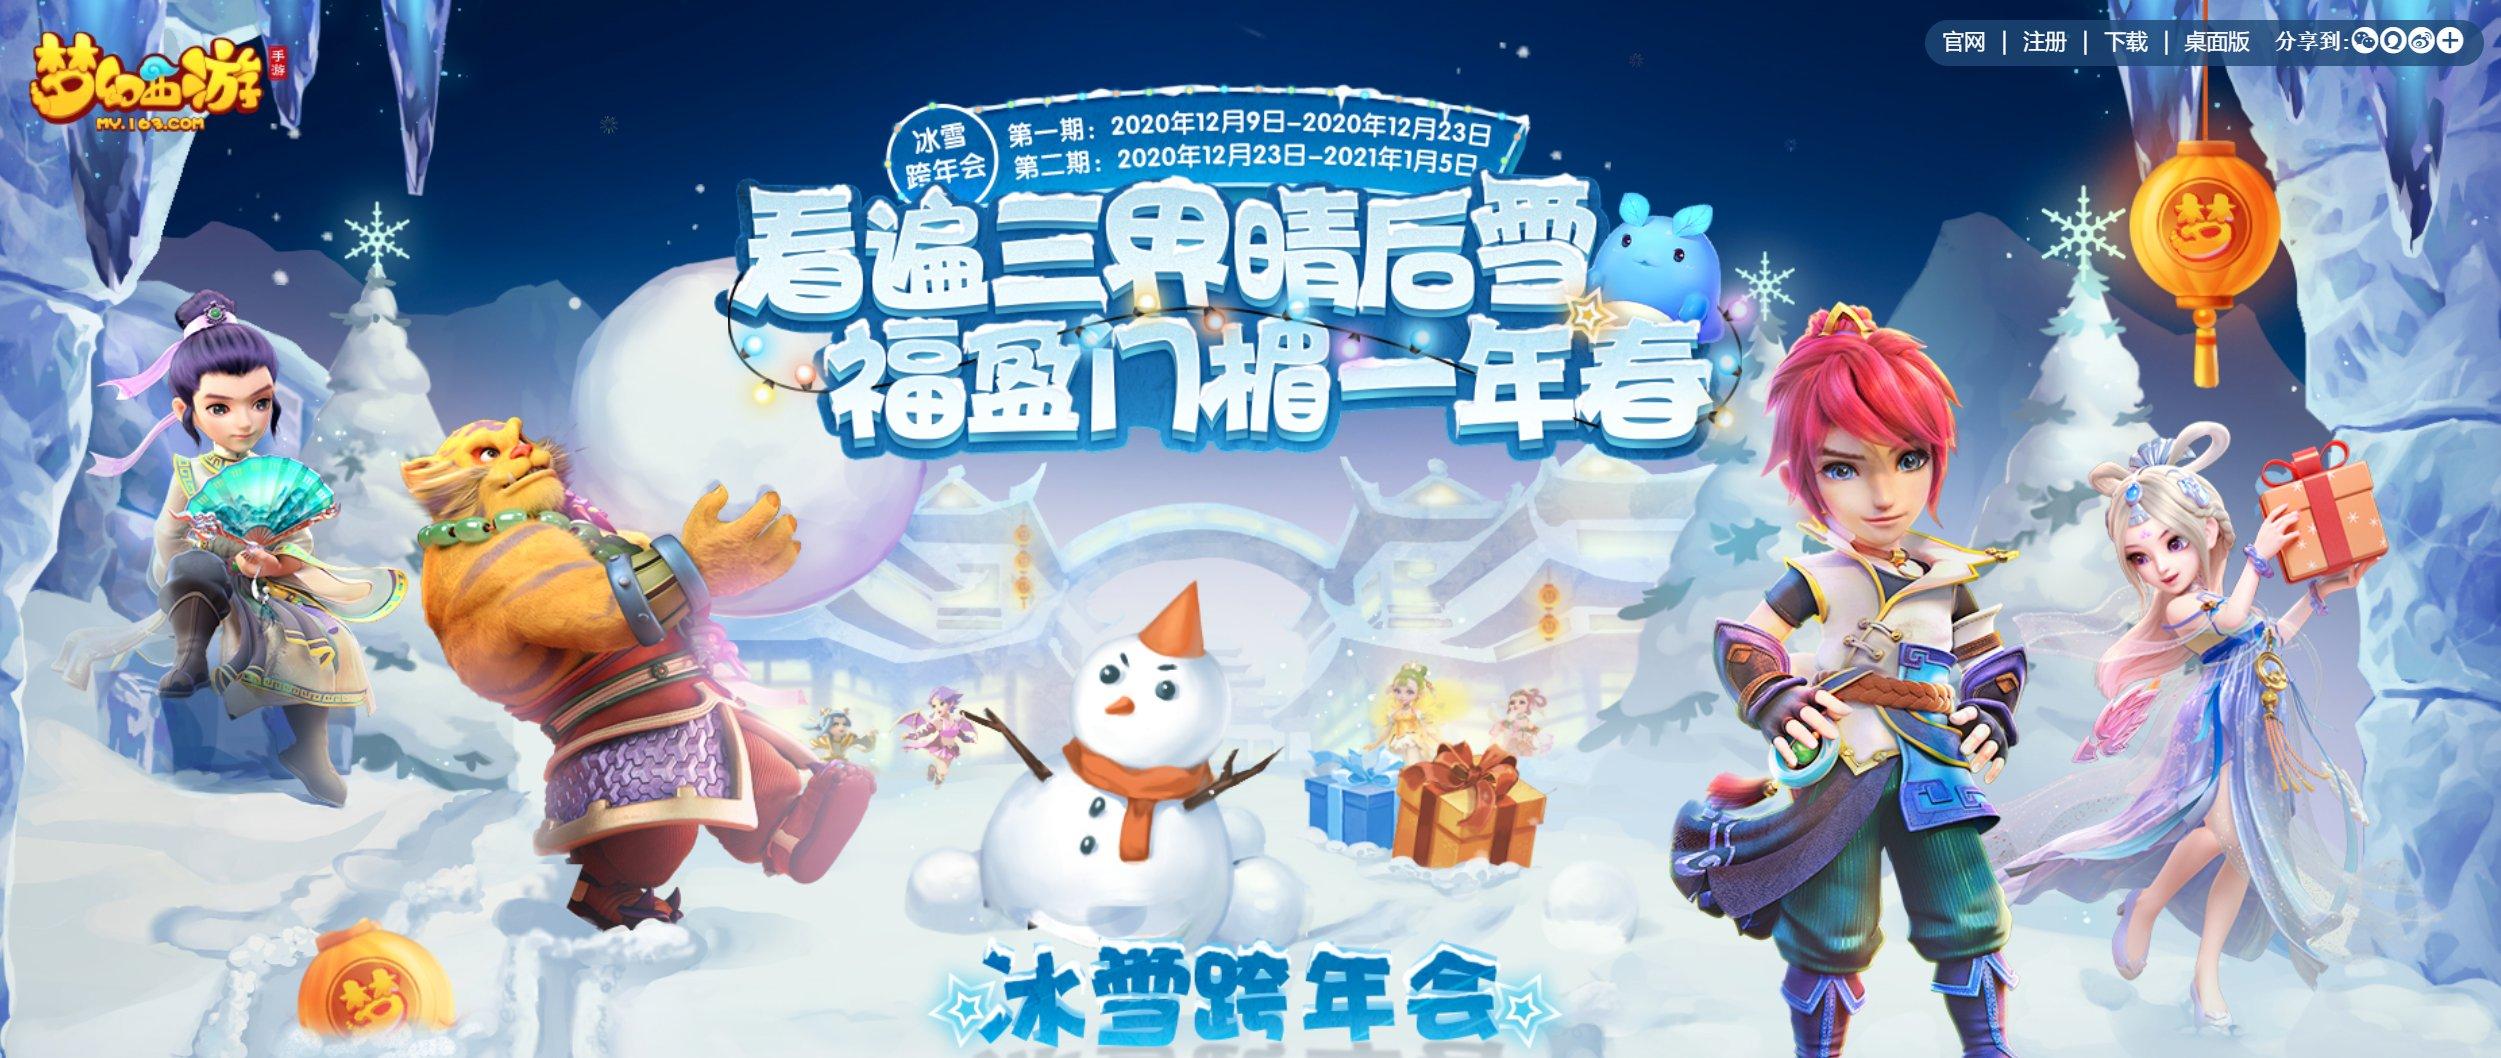 瑞雪纷至!《梦幻西游》手游冰雪跨年会第二期